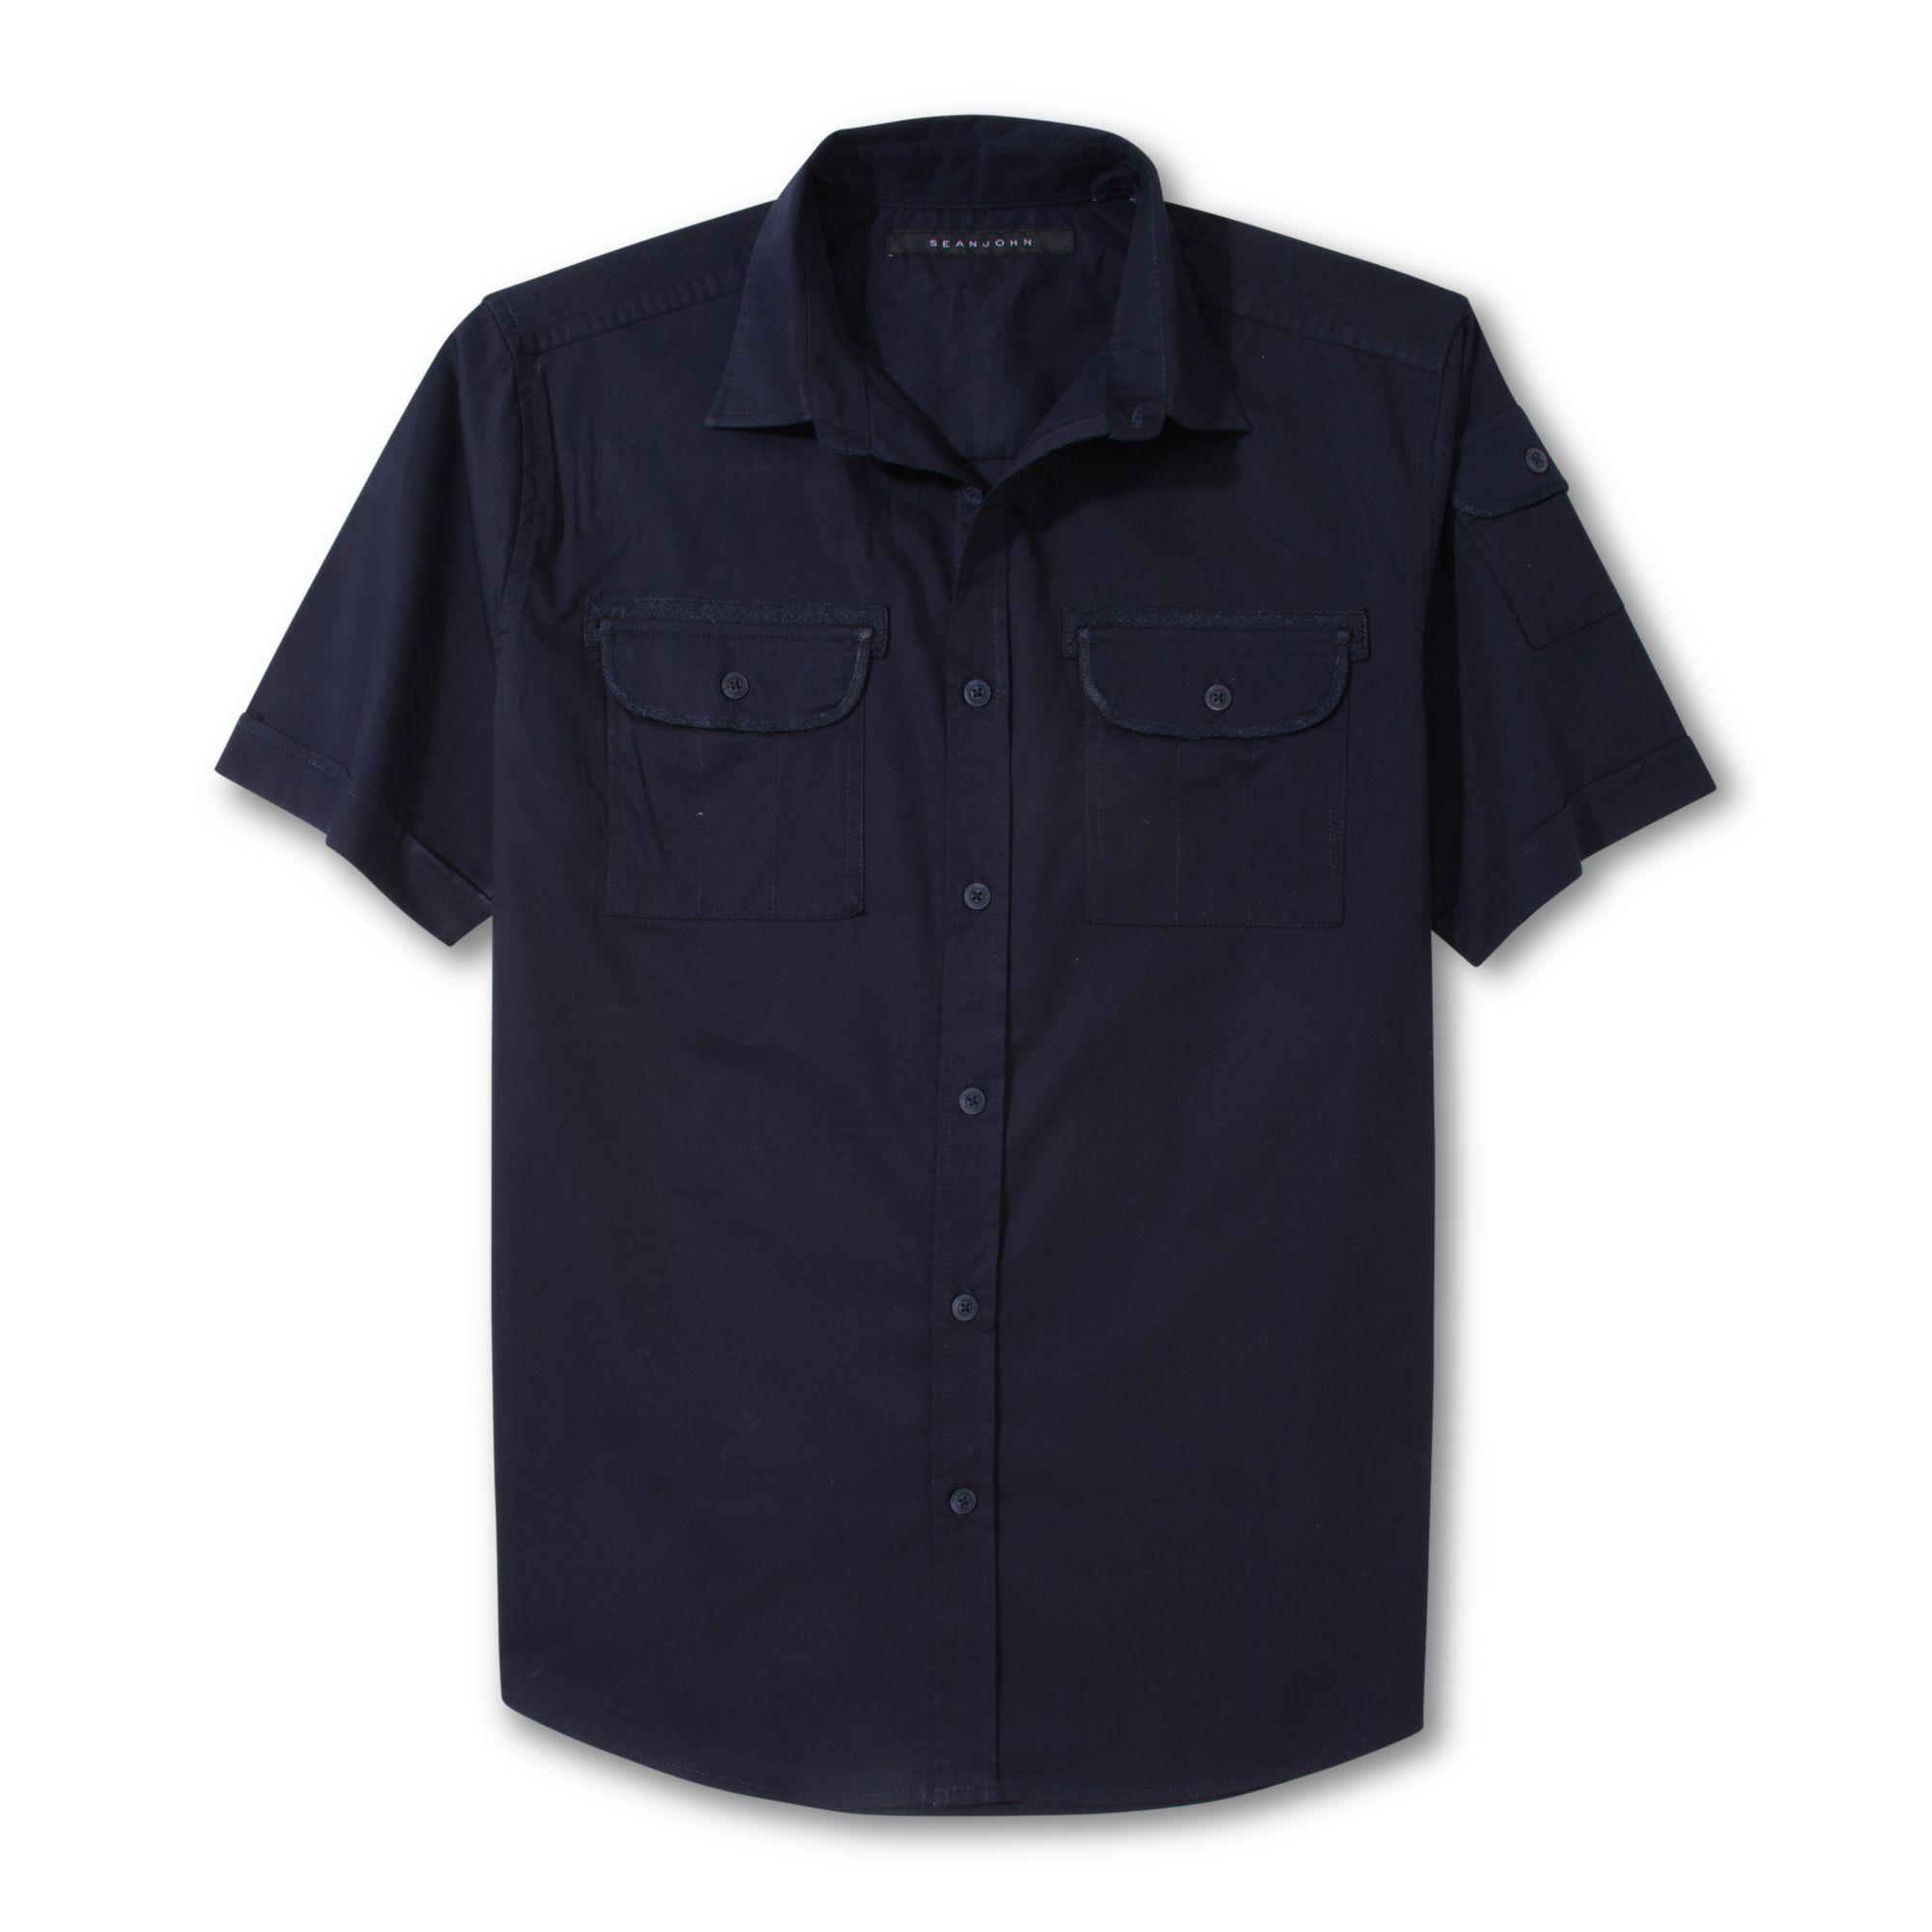 Dark Blue Short Sleeve Shirt